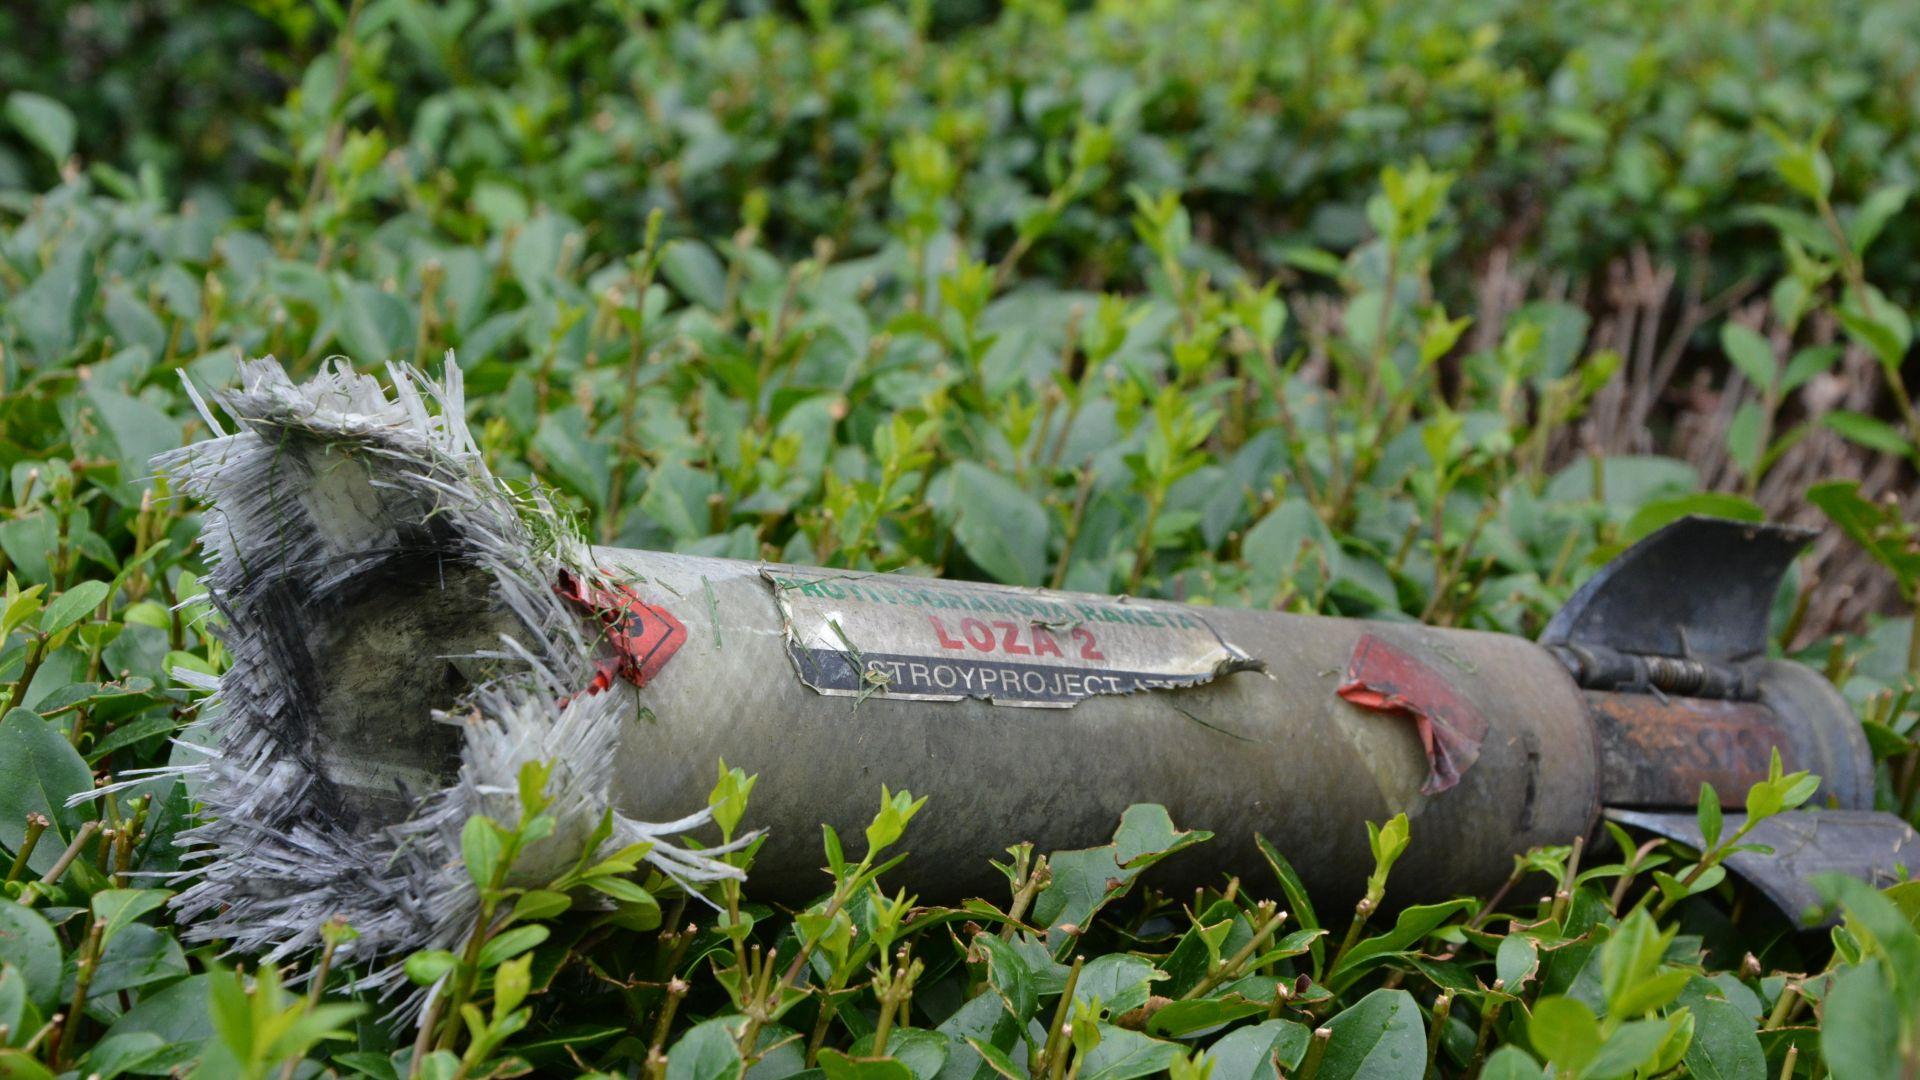 Втора противоградна ракета е паднала в центъра на Харманли. Тя